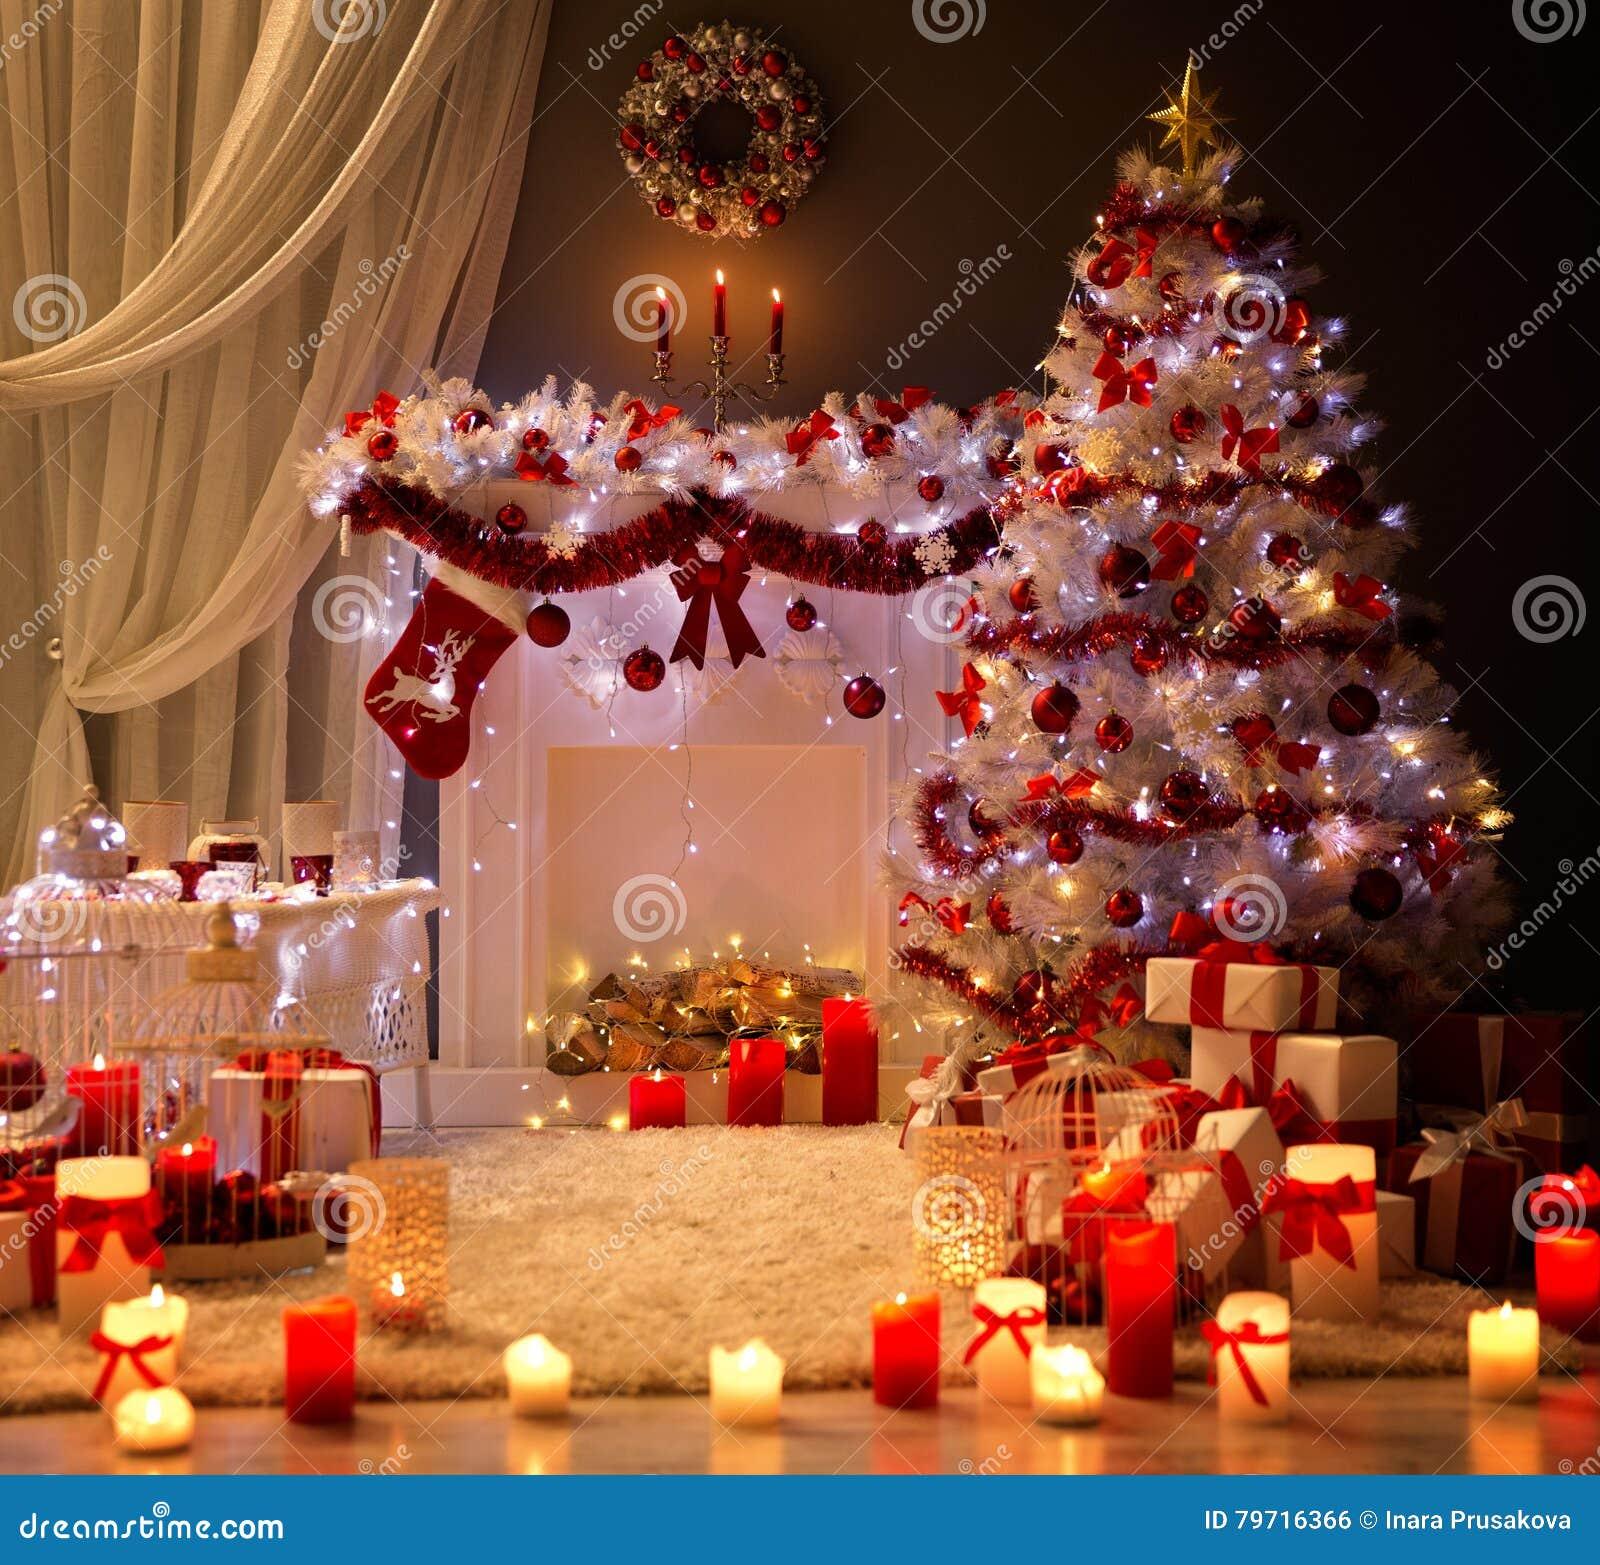 Christmas Interior, Xmas Tree Fireplace Light, Decorated Room